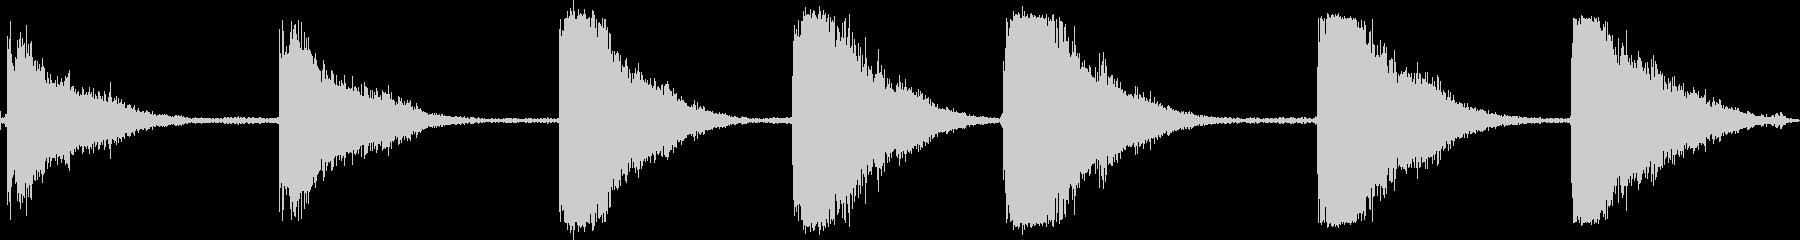 工作機械スキルソーの未再生の波形